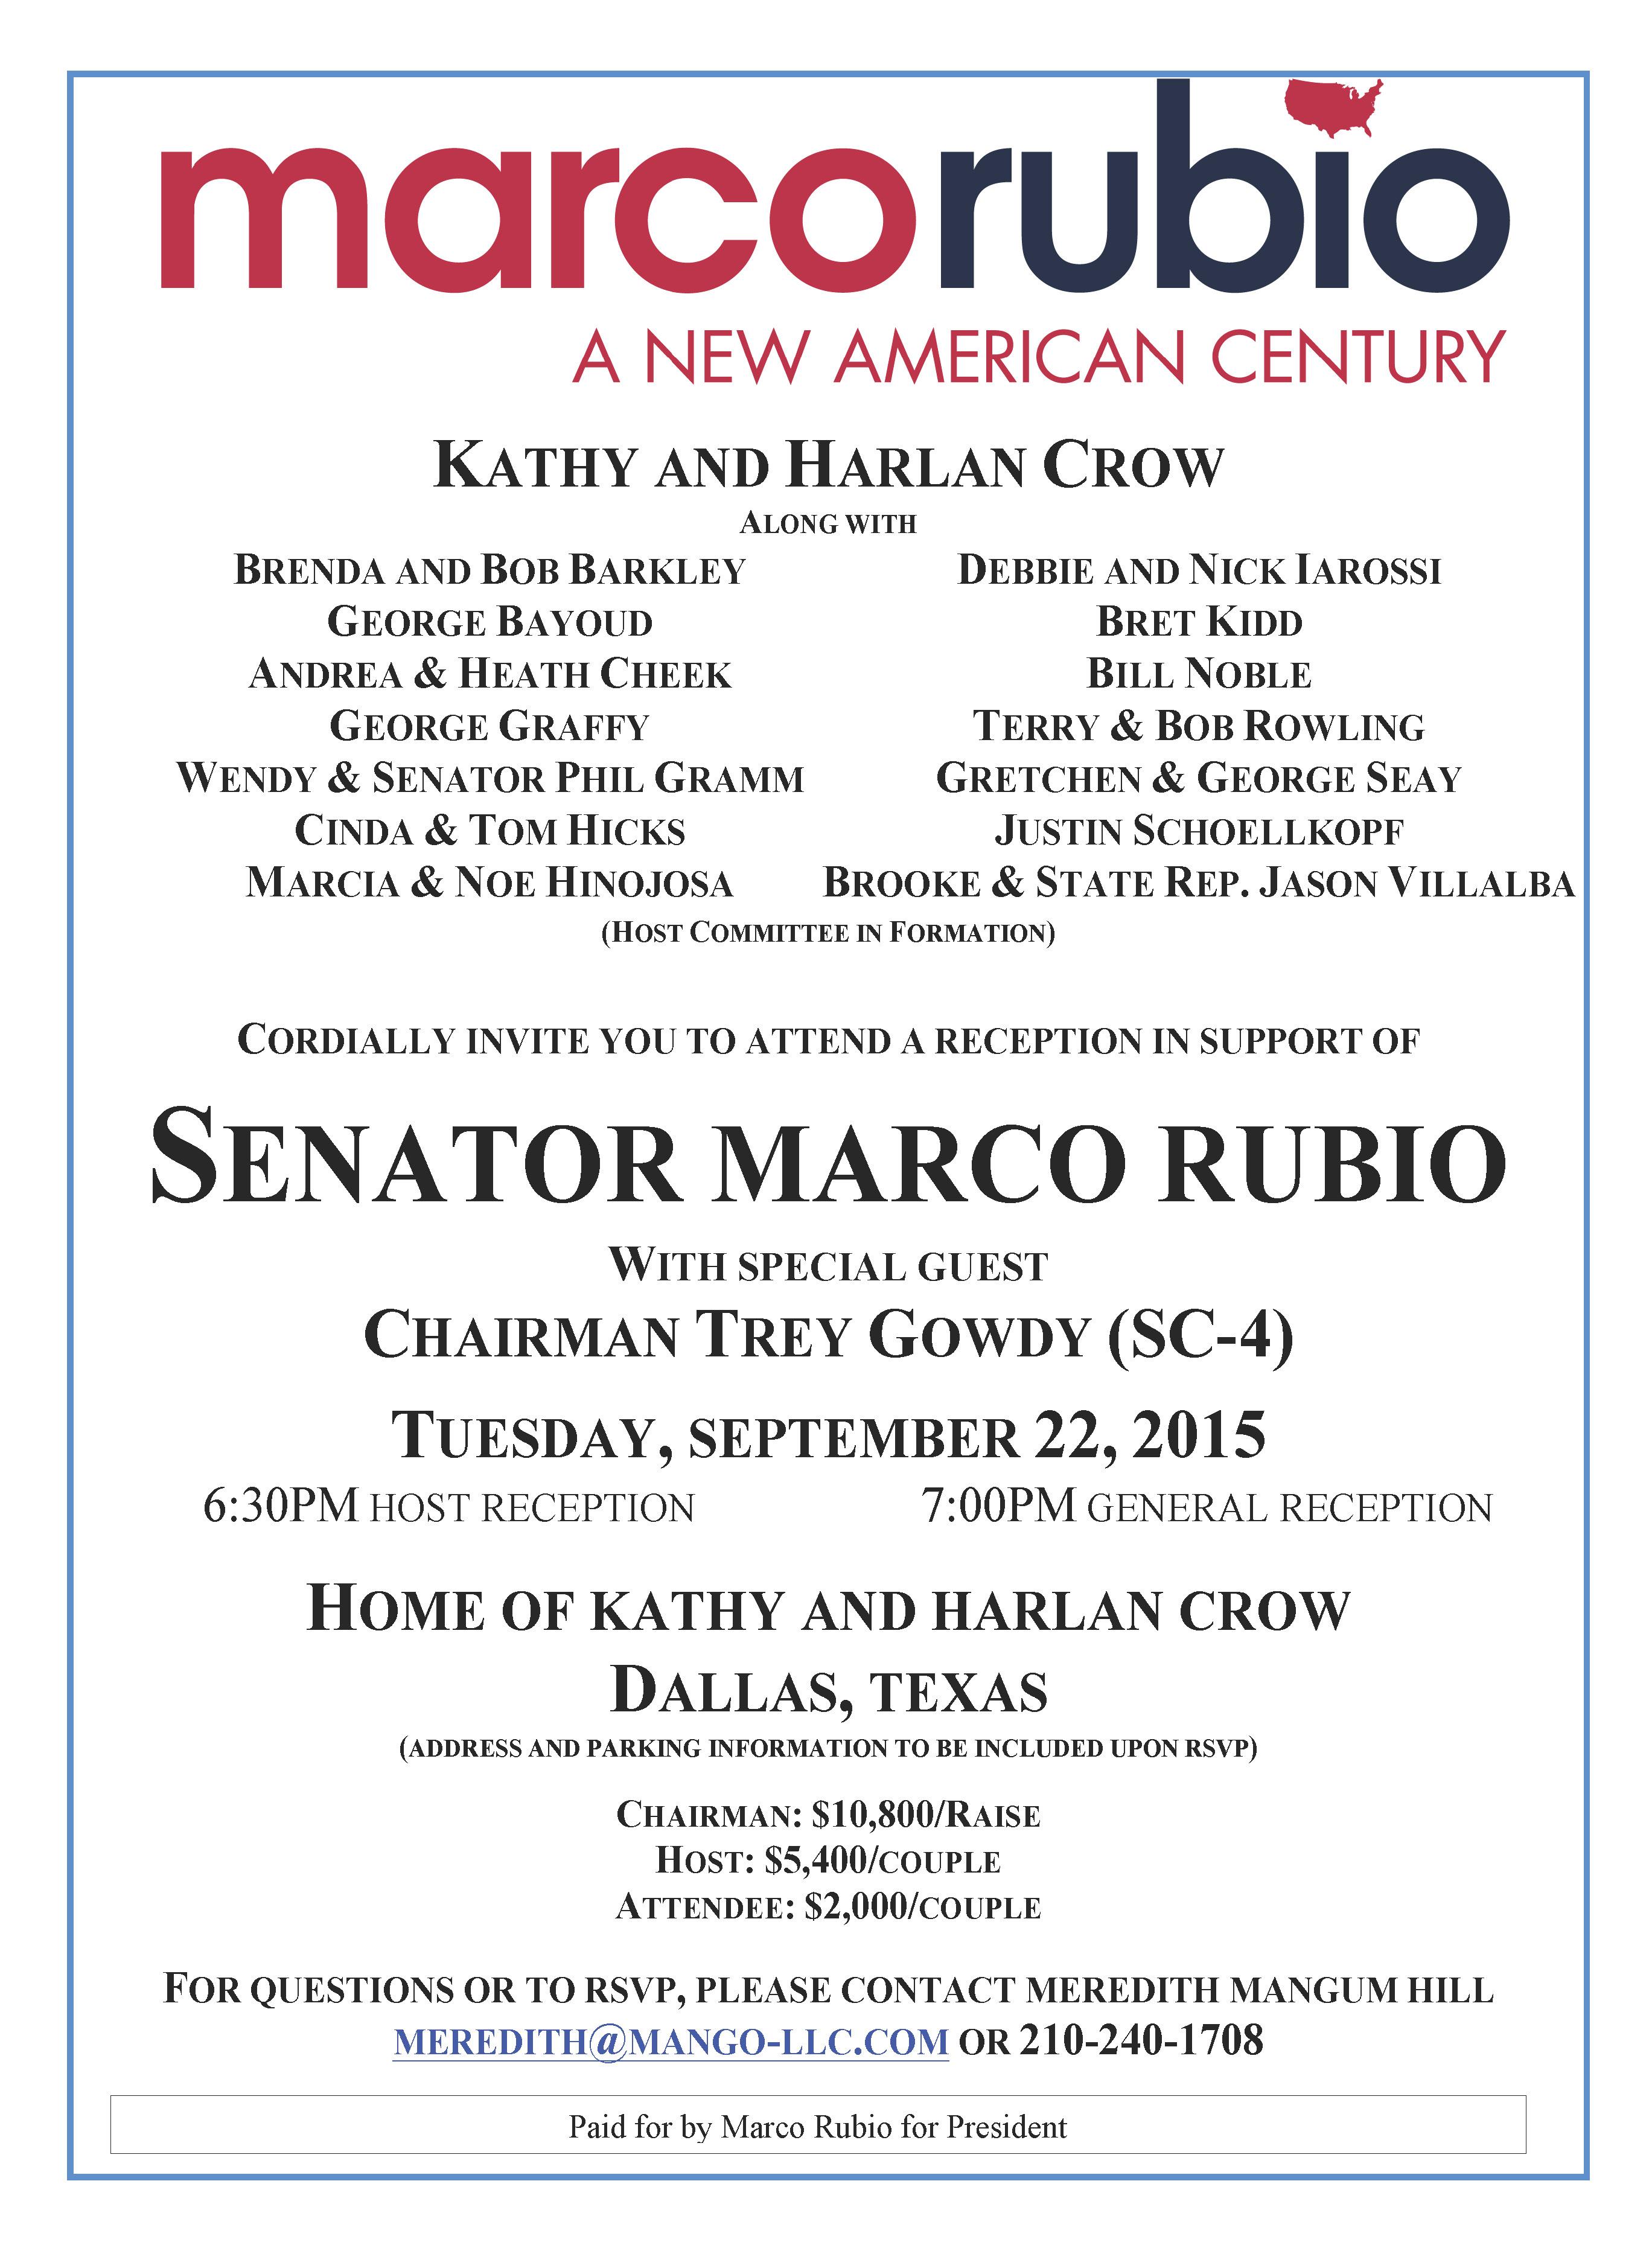 9-22 Dallas Rubio Reception Invite-2 (00000002)_Page_1